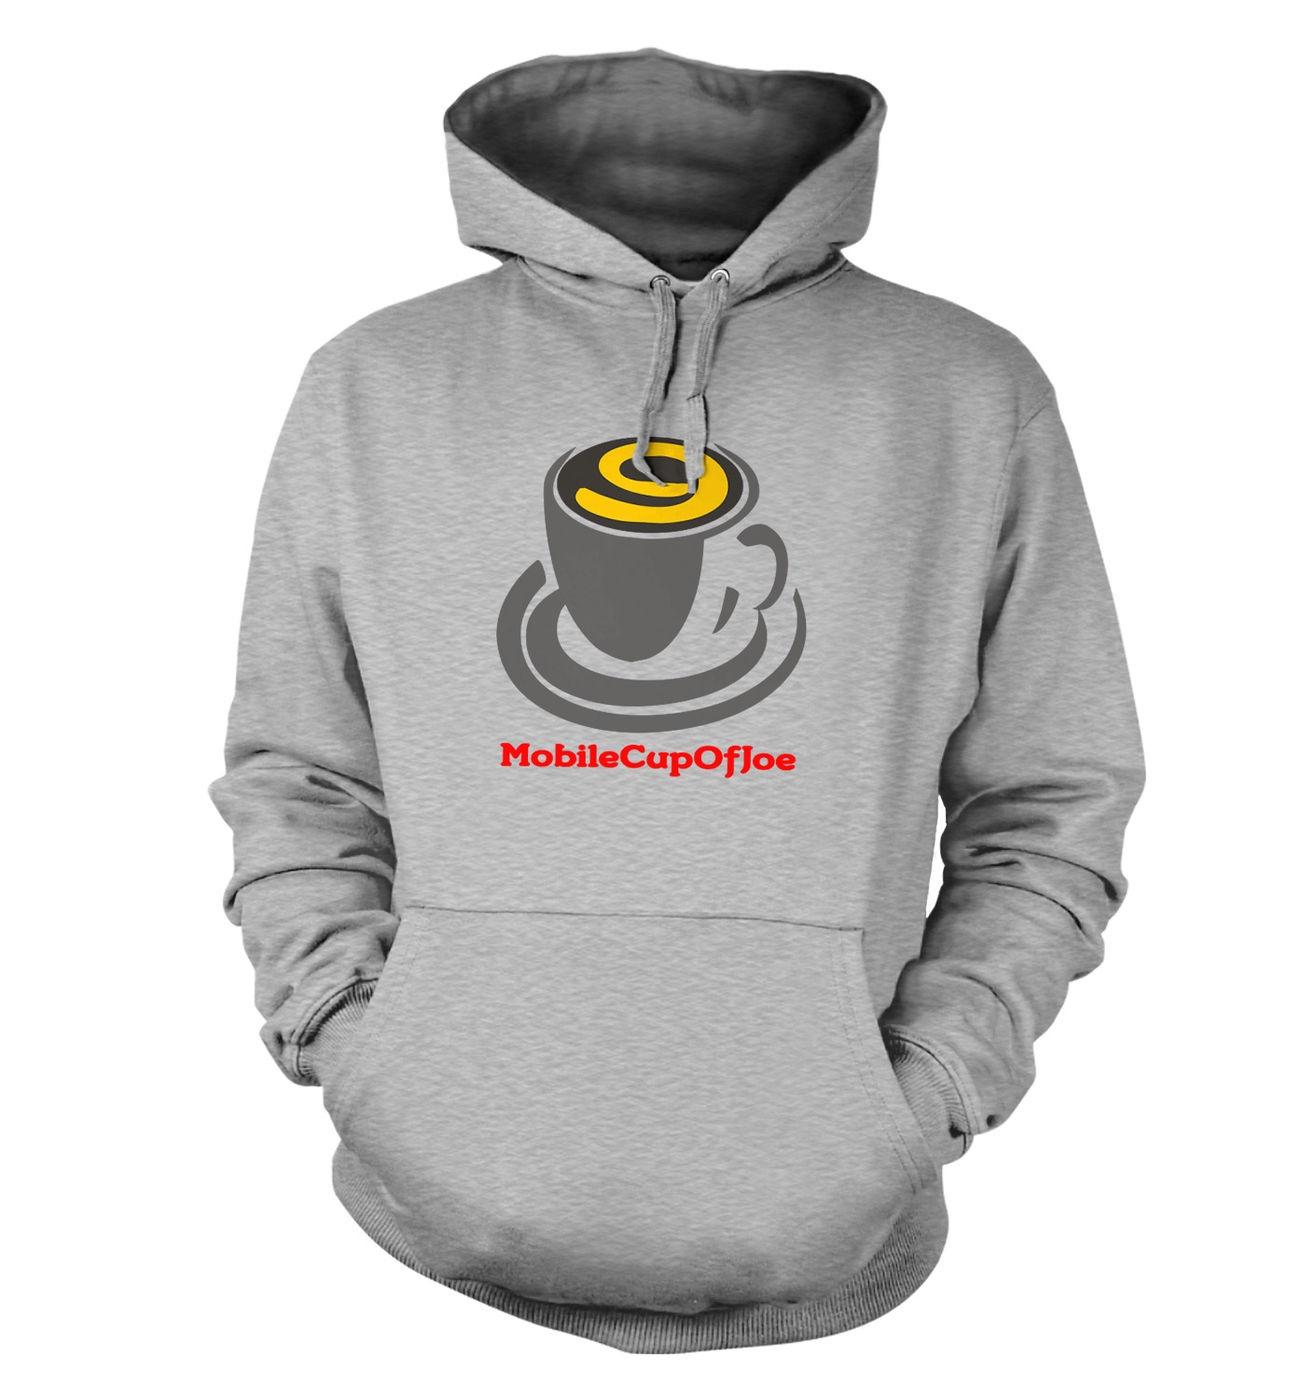 MobileCupOfJoe hoodie - stacked logo